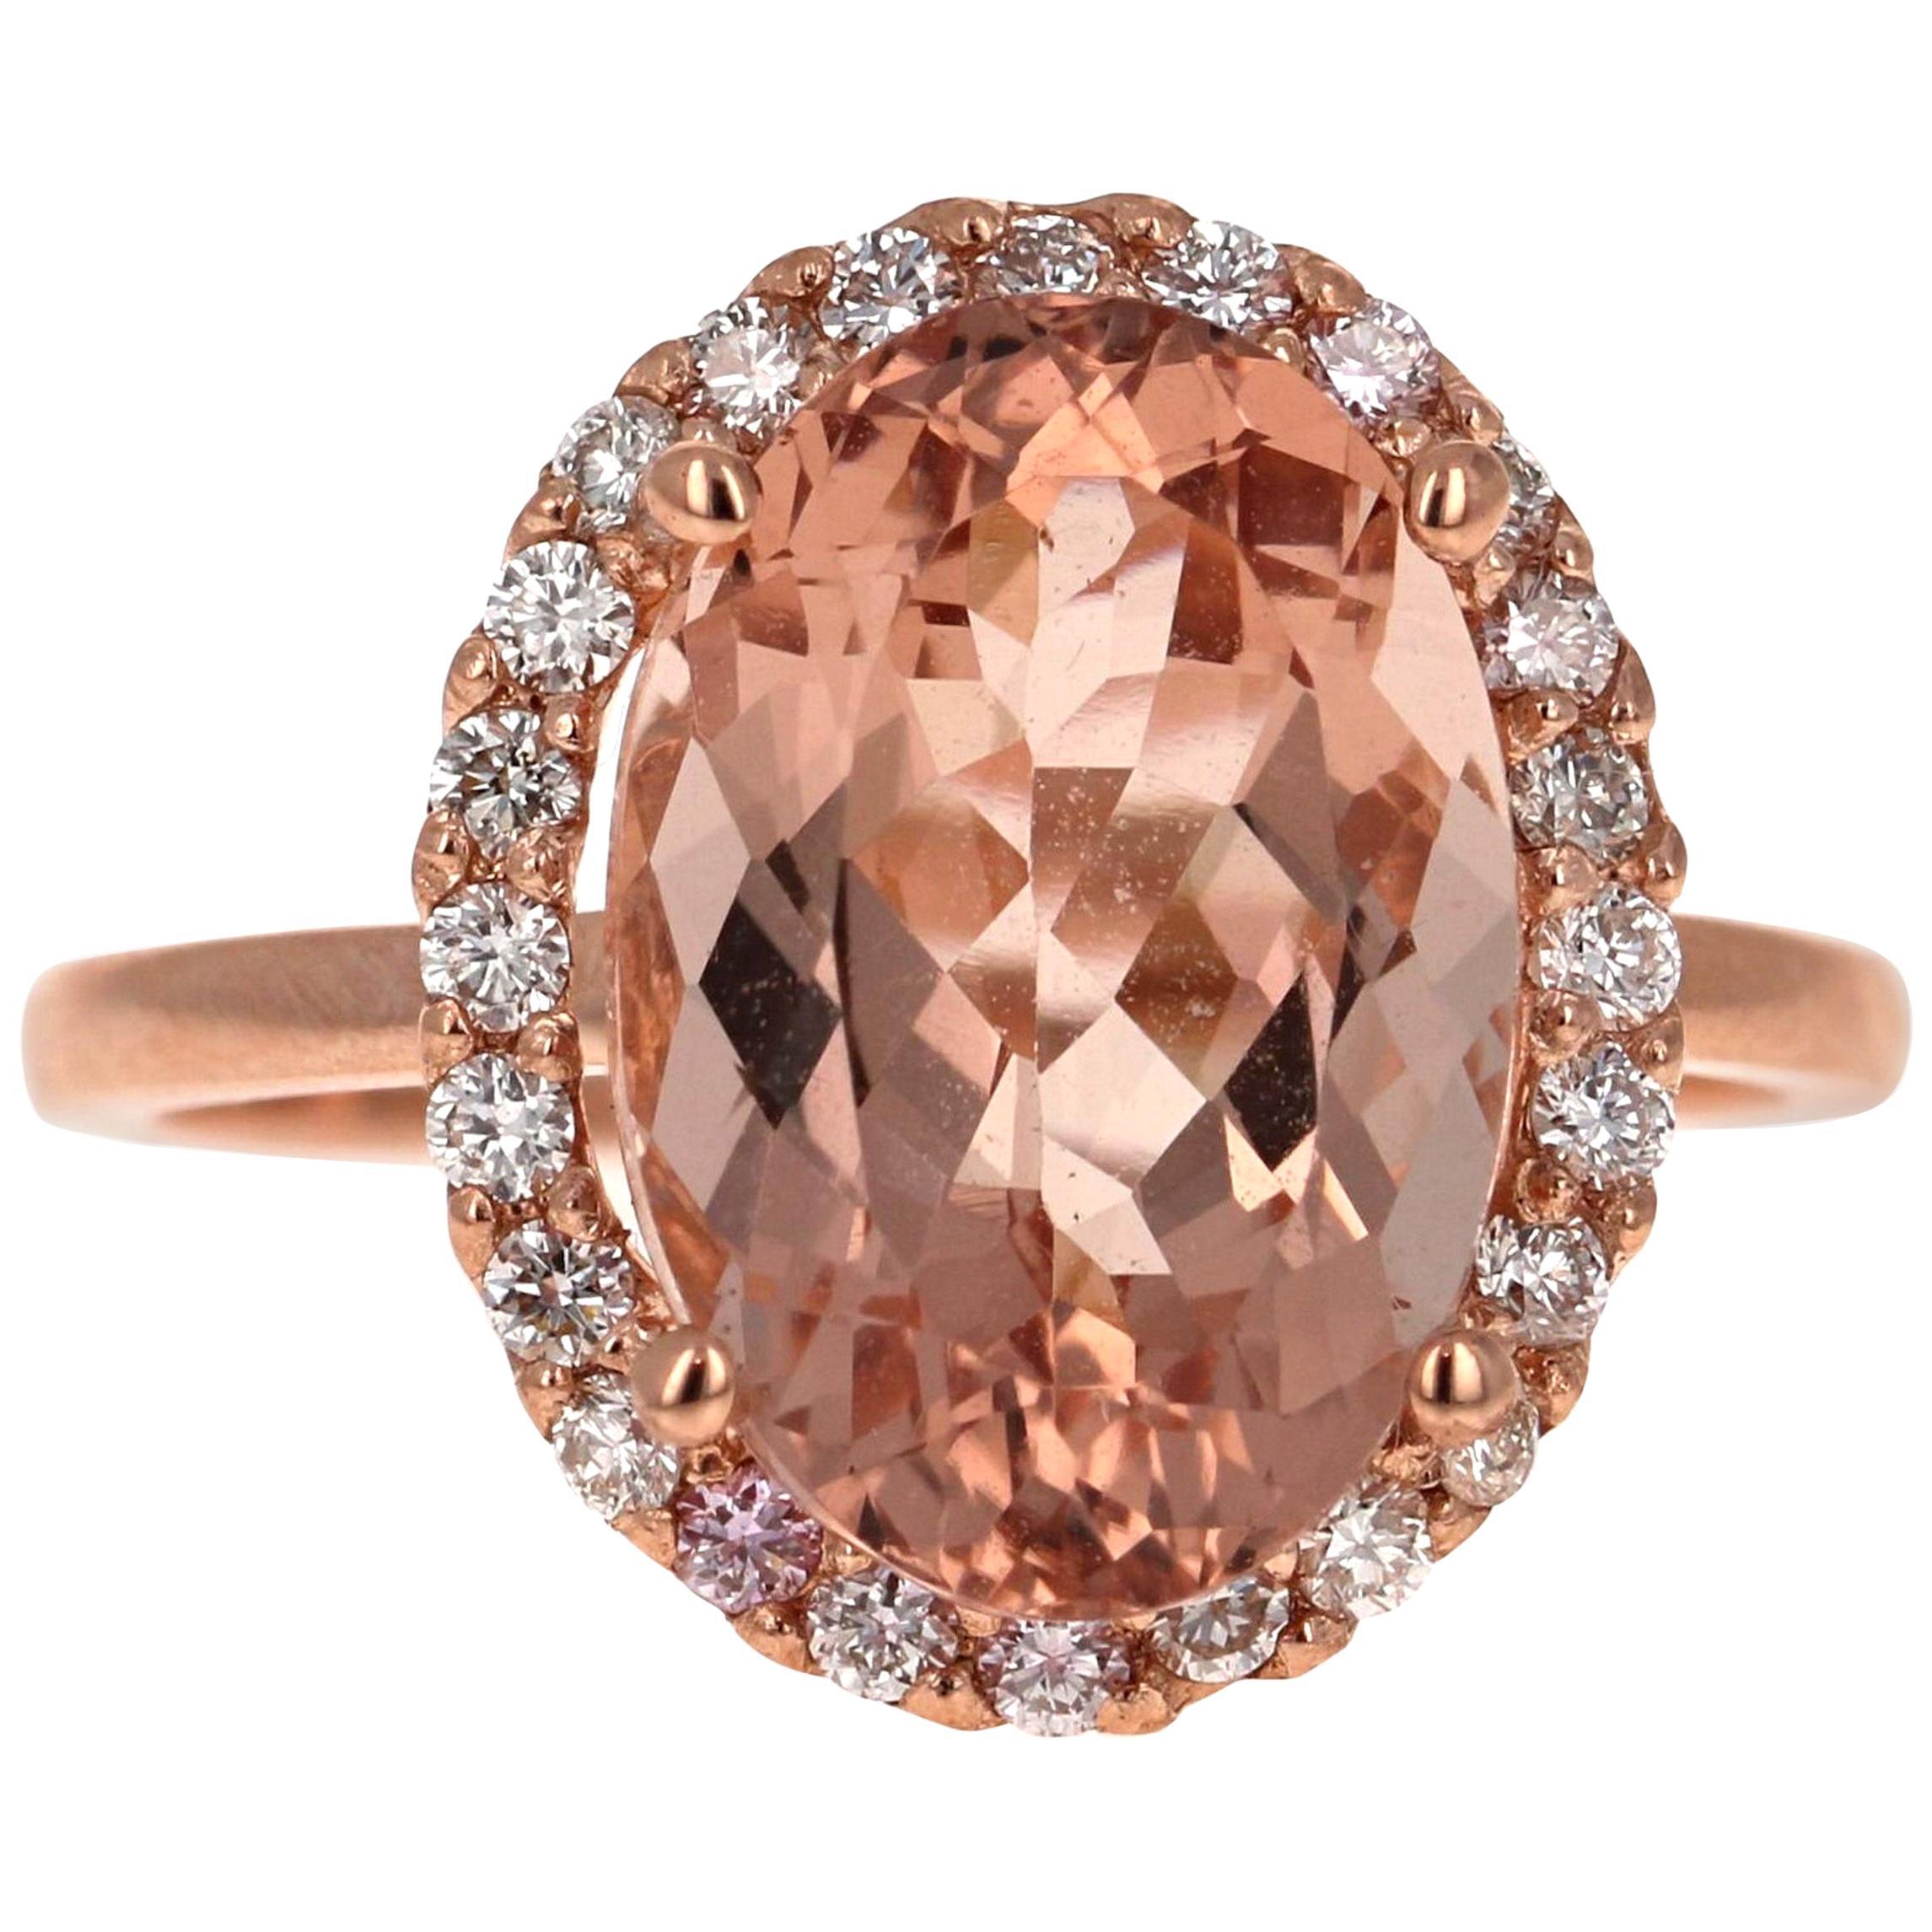 5.64 Carat Morganite Diamond 14 Karat Rose Gold Engagement Ring